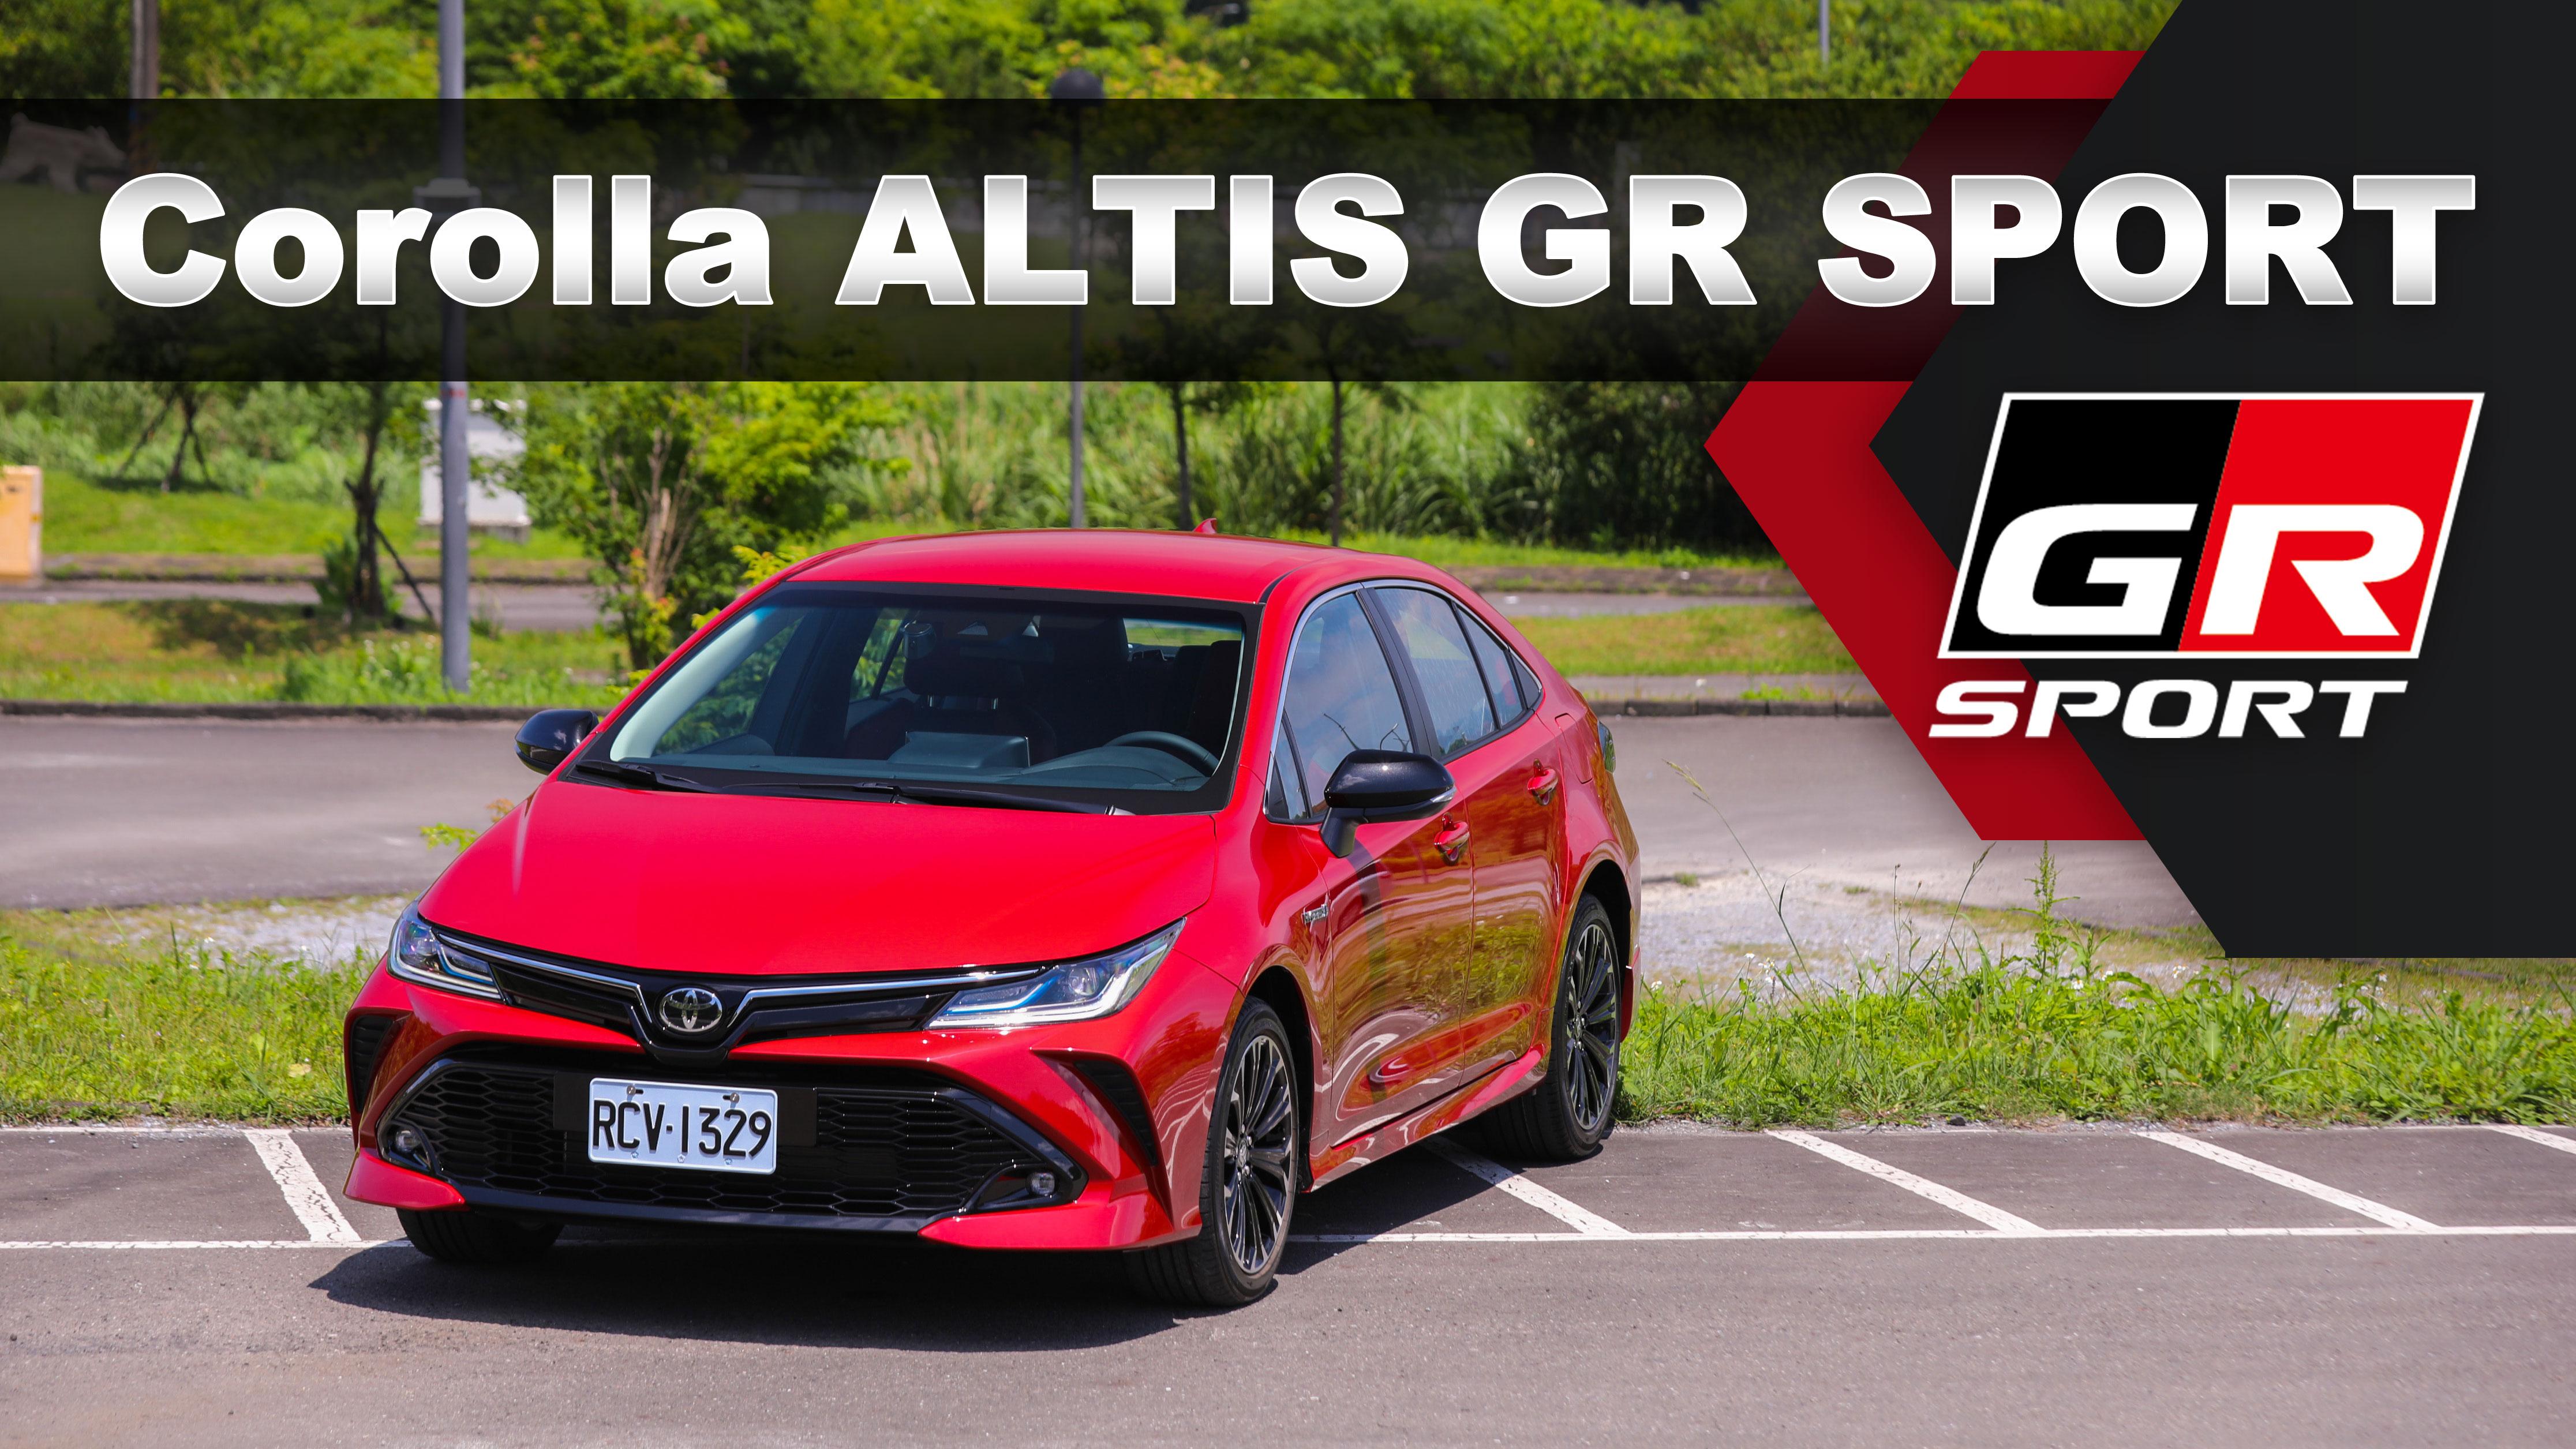 神A動感的一面!體質、顏值雙料提升 TOYOTA Corolla ALTIS GR SPORT | 新車試駕